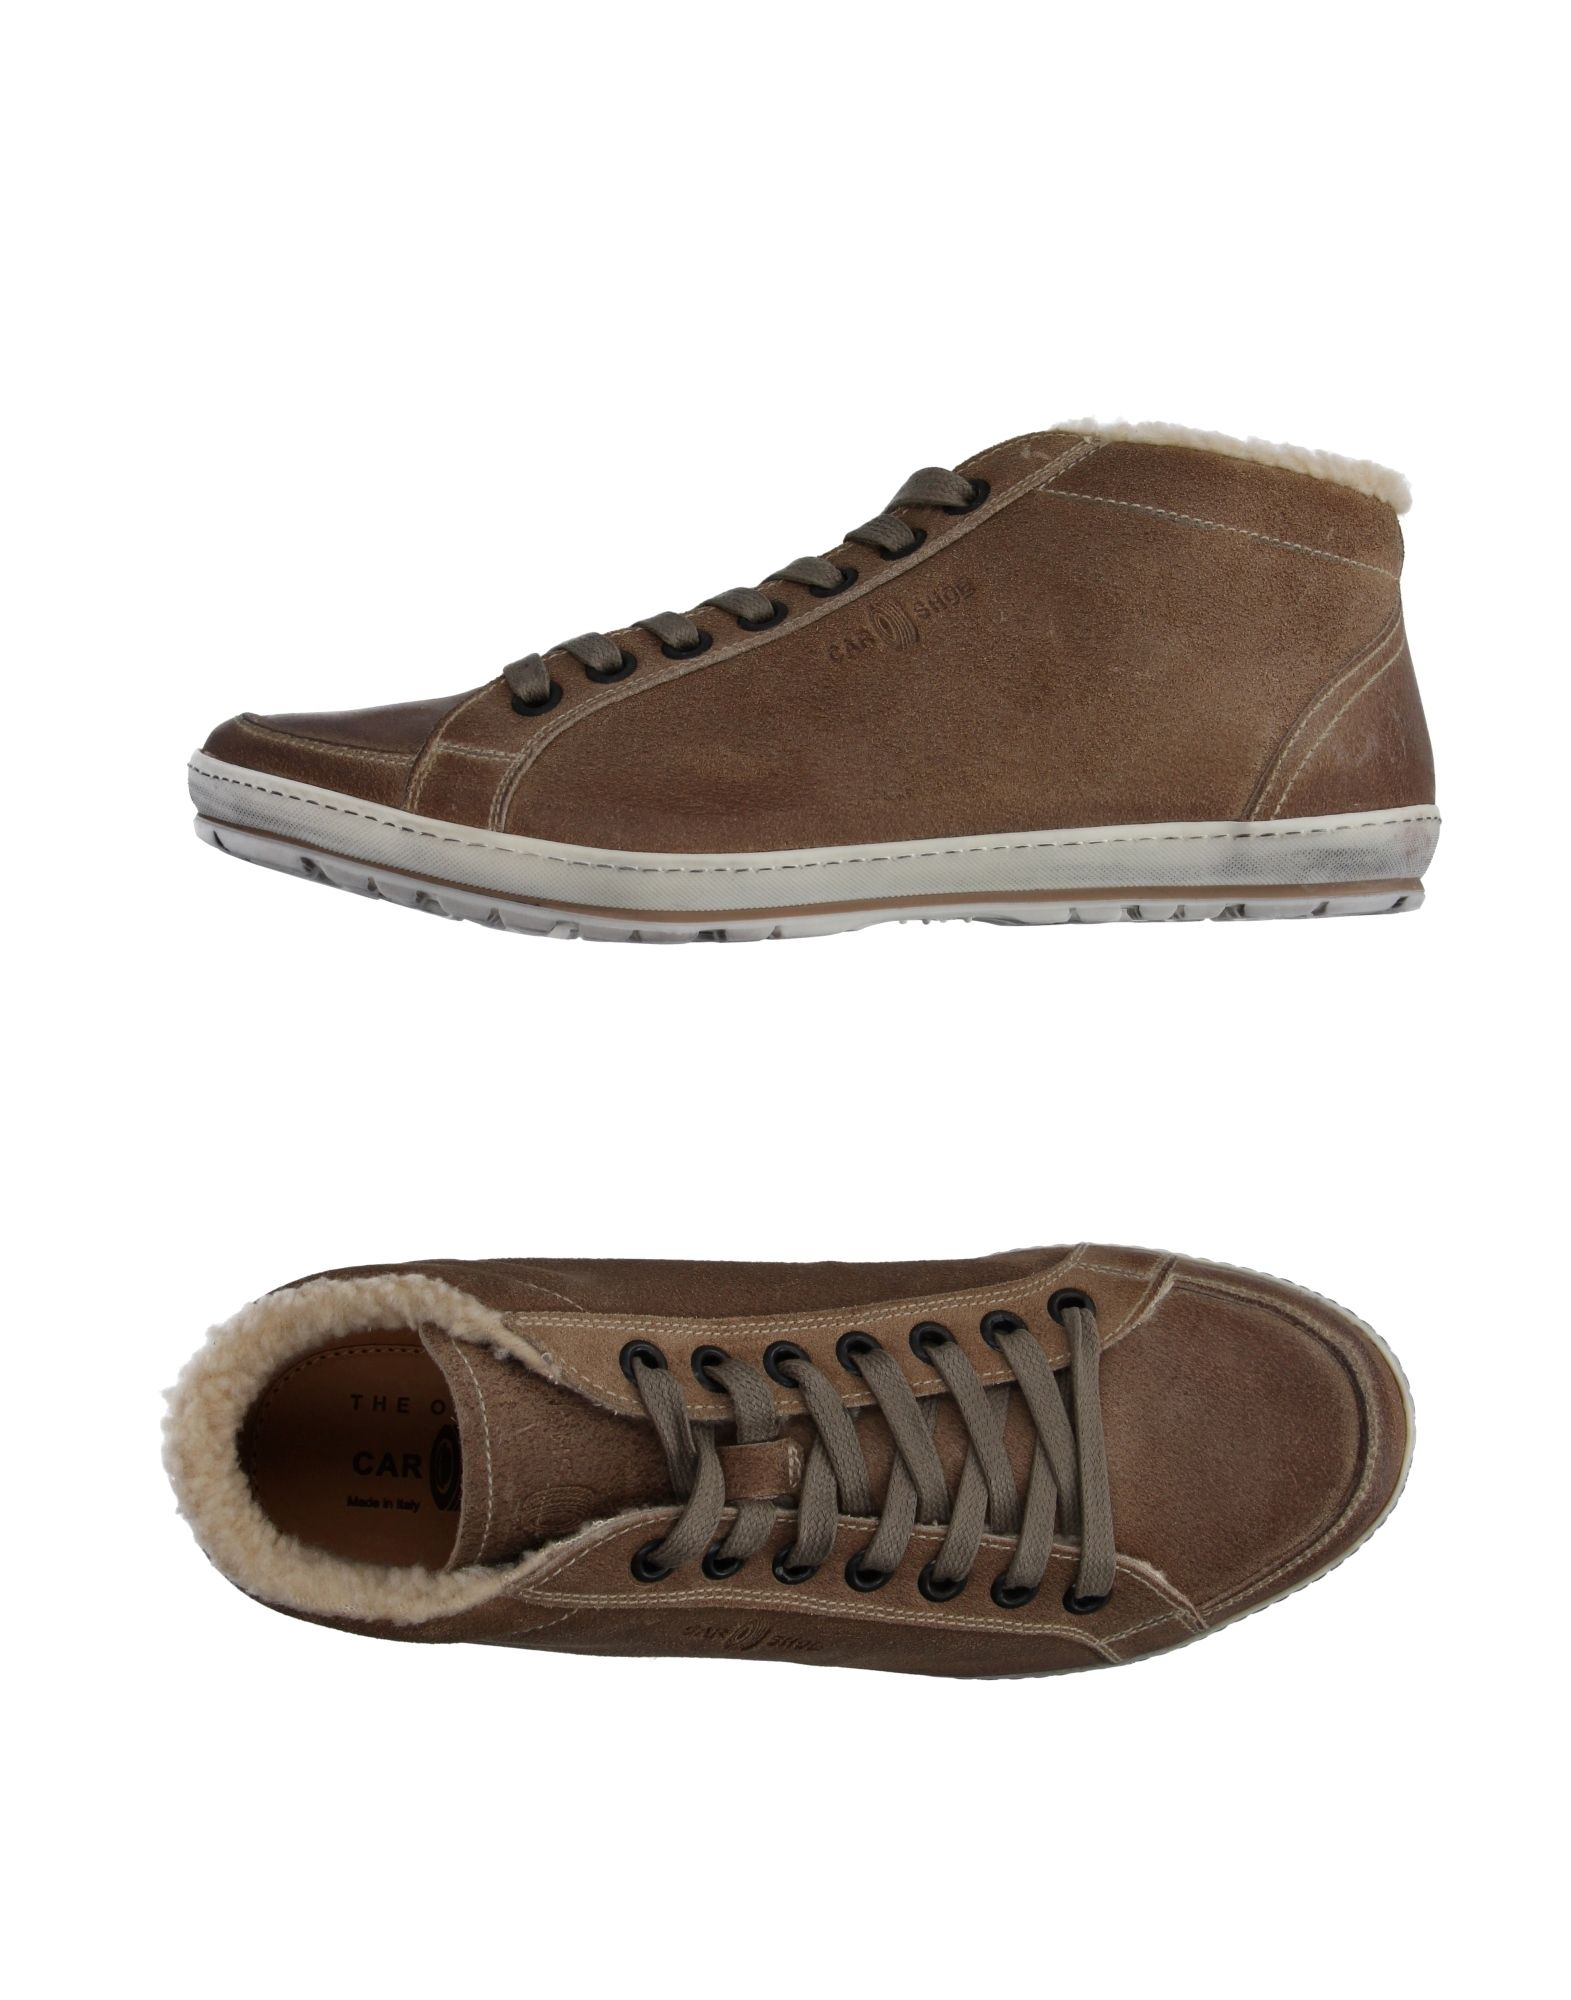 Carshoe Sneakers Herren  11053251WM Gute Qualität beliebte Schuhe